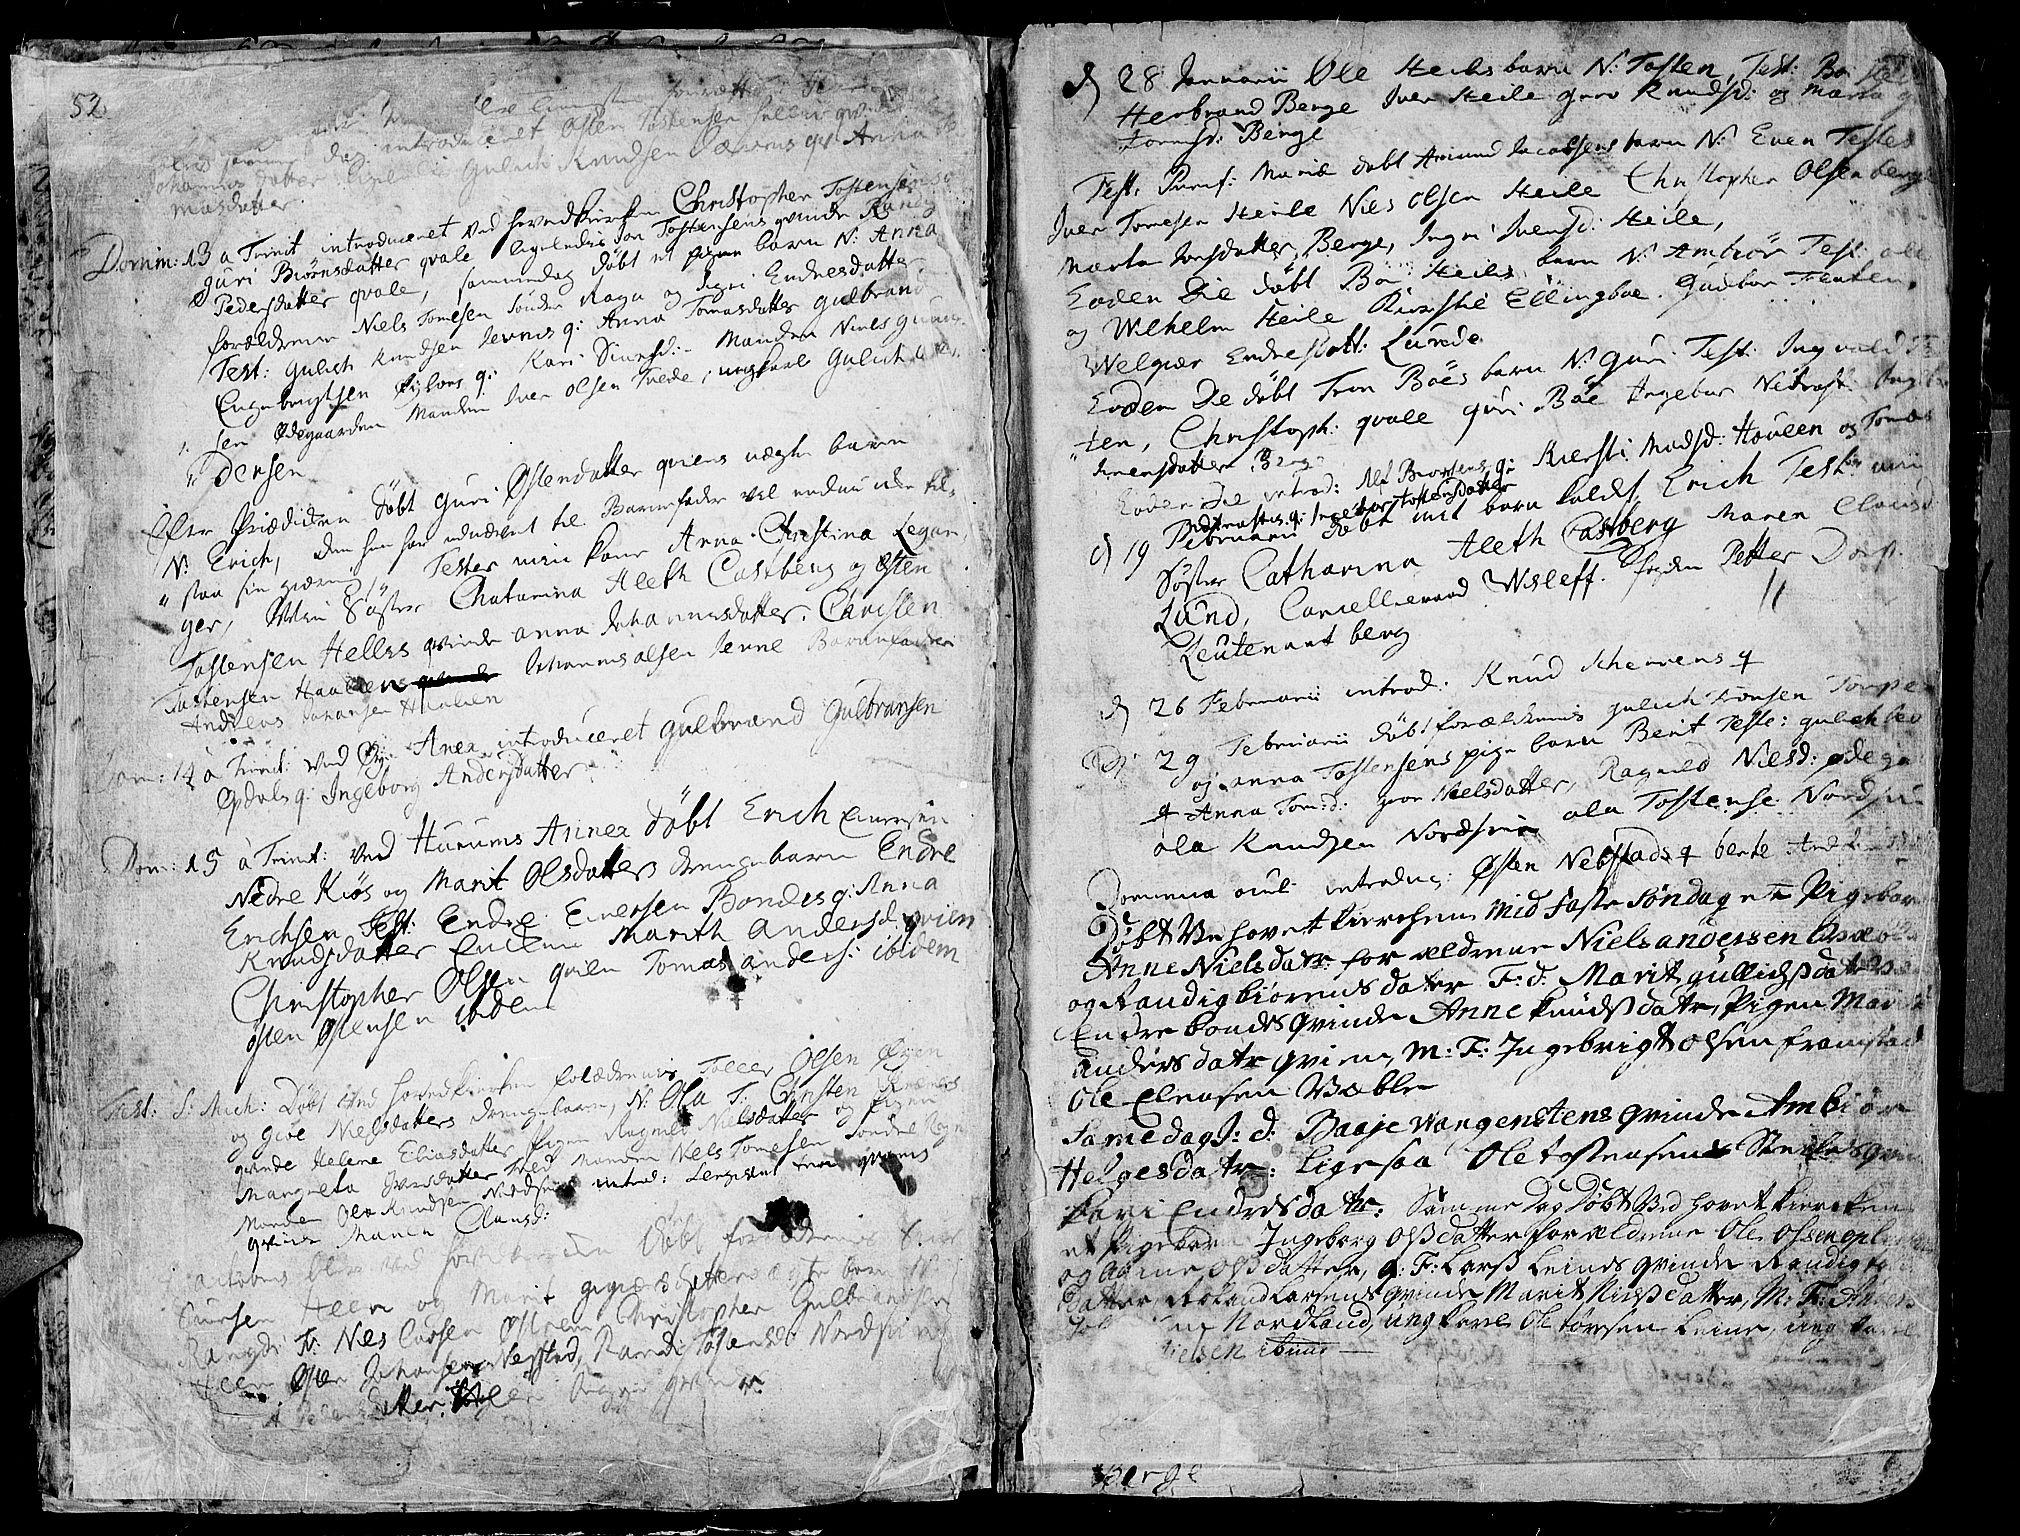 SAH, Vang prestekontor, Valdres, Ministerialbok nr. 1, 1730-1796, s. 52